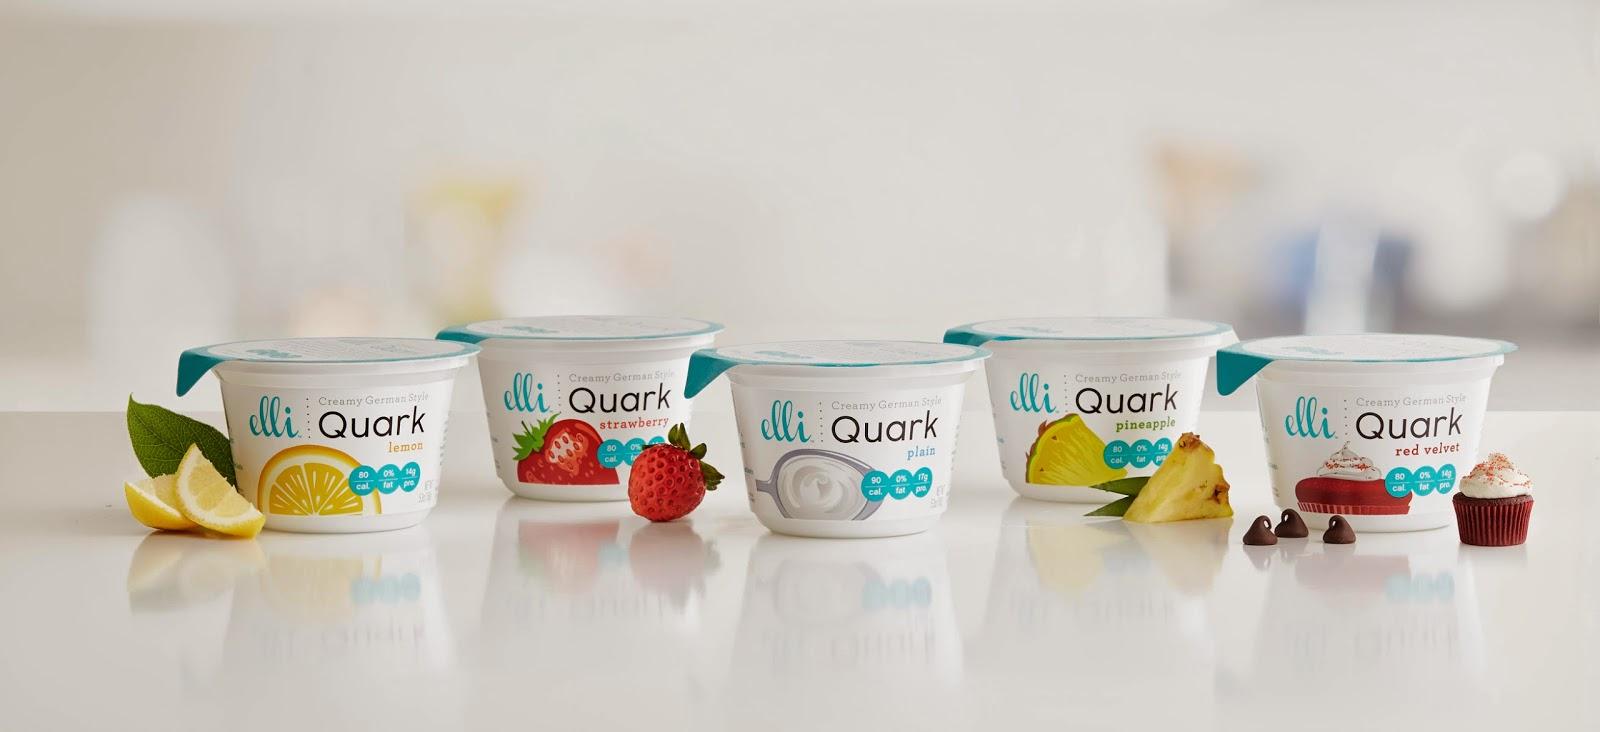 Elli+Quark